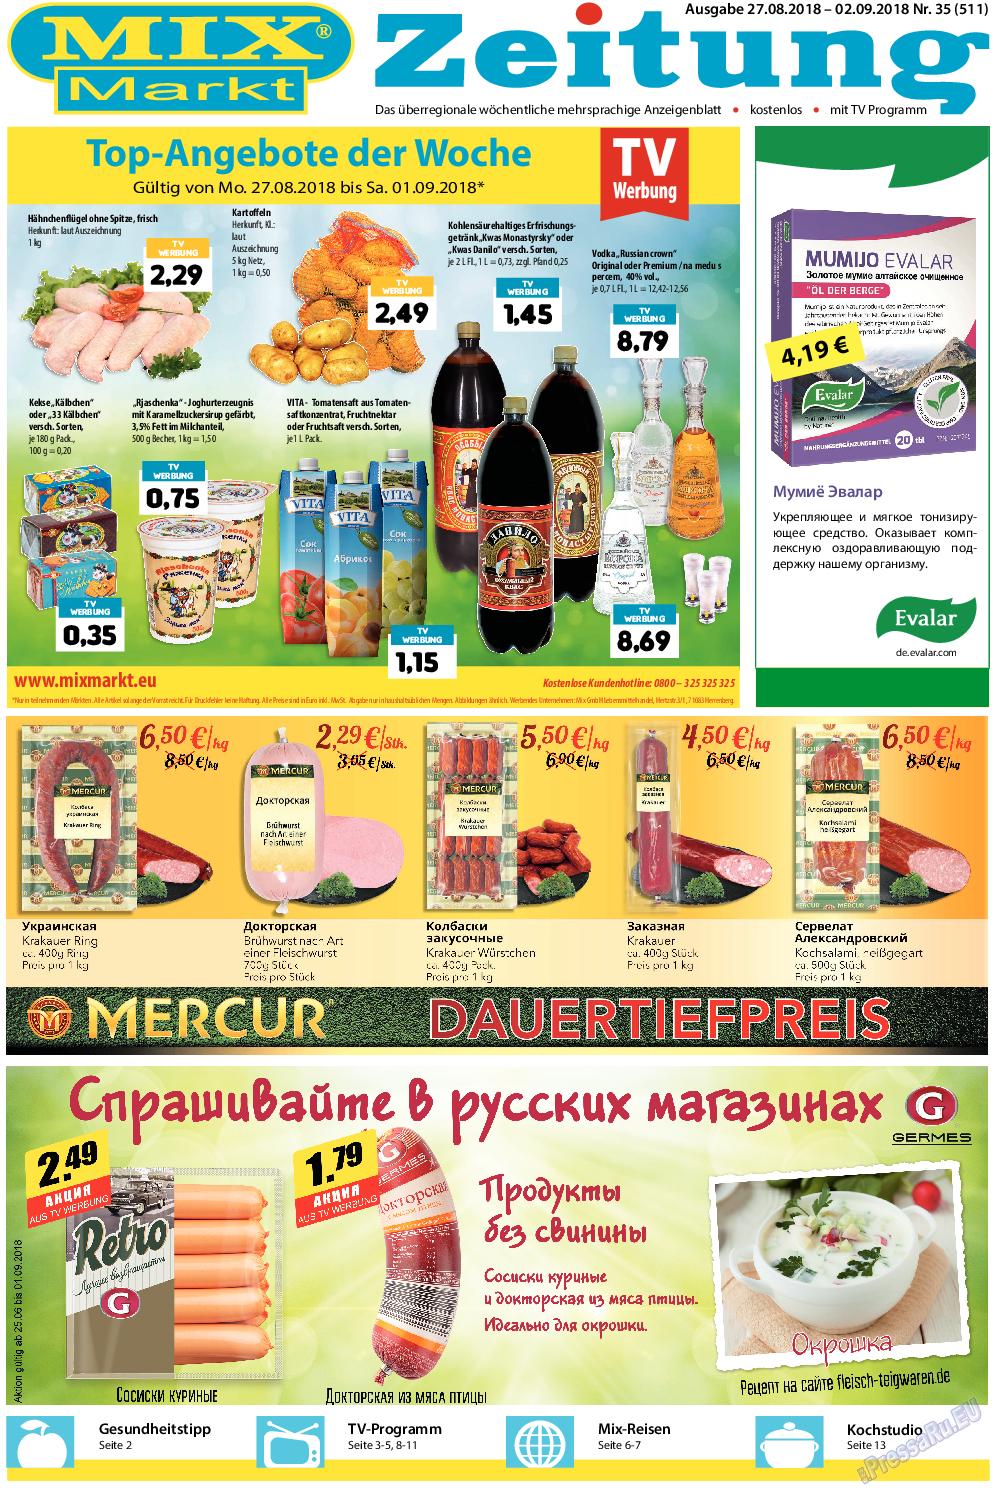 MIX-Markt Zeitung (газета). 2018 год, номер 35, стр. 1